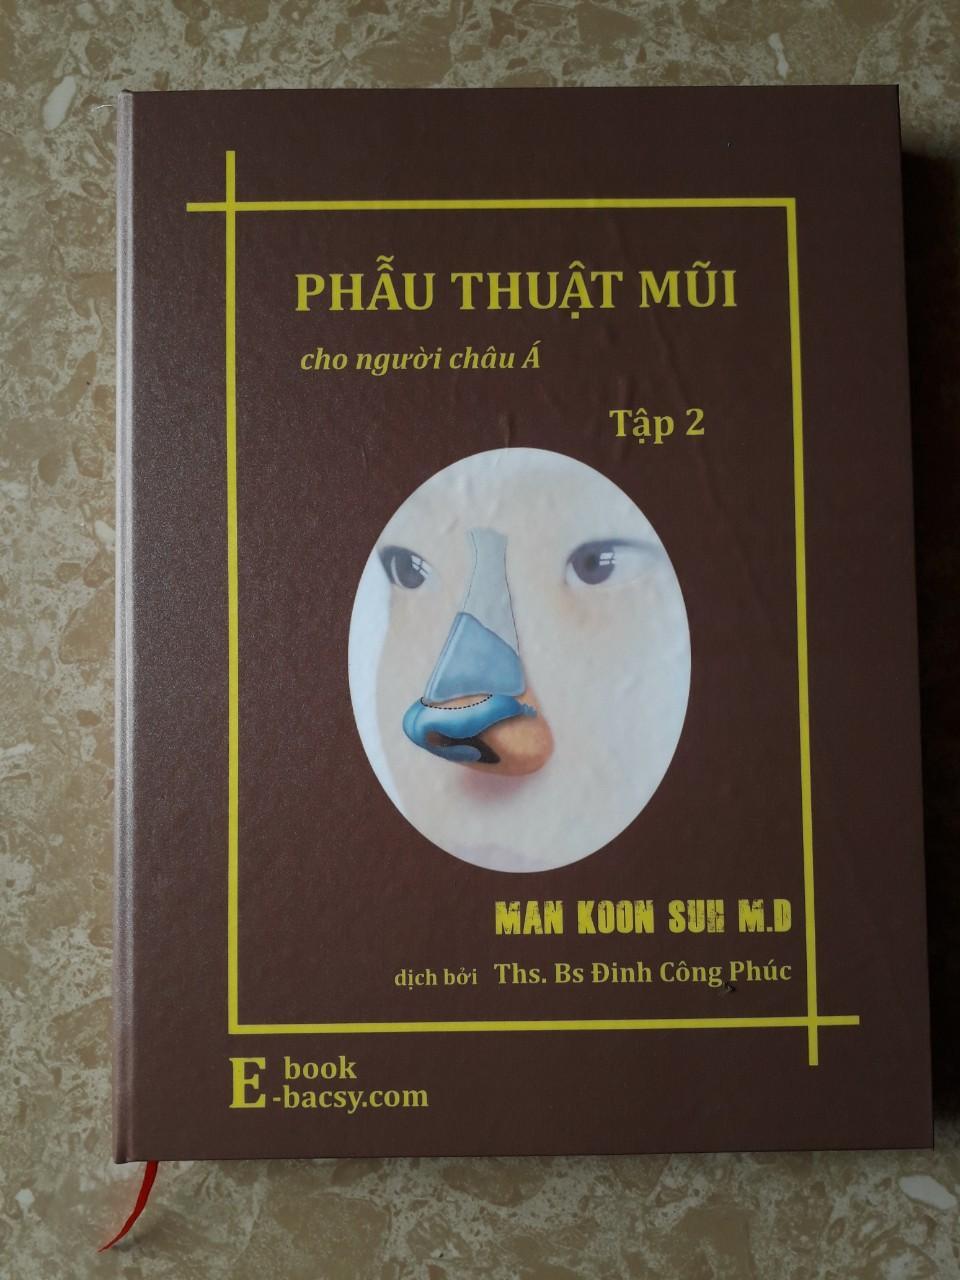 Sách phẫu thuật mũi người châu á ( Bộ 3 tập )